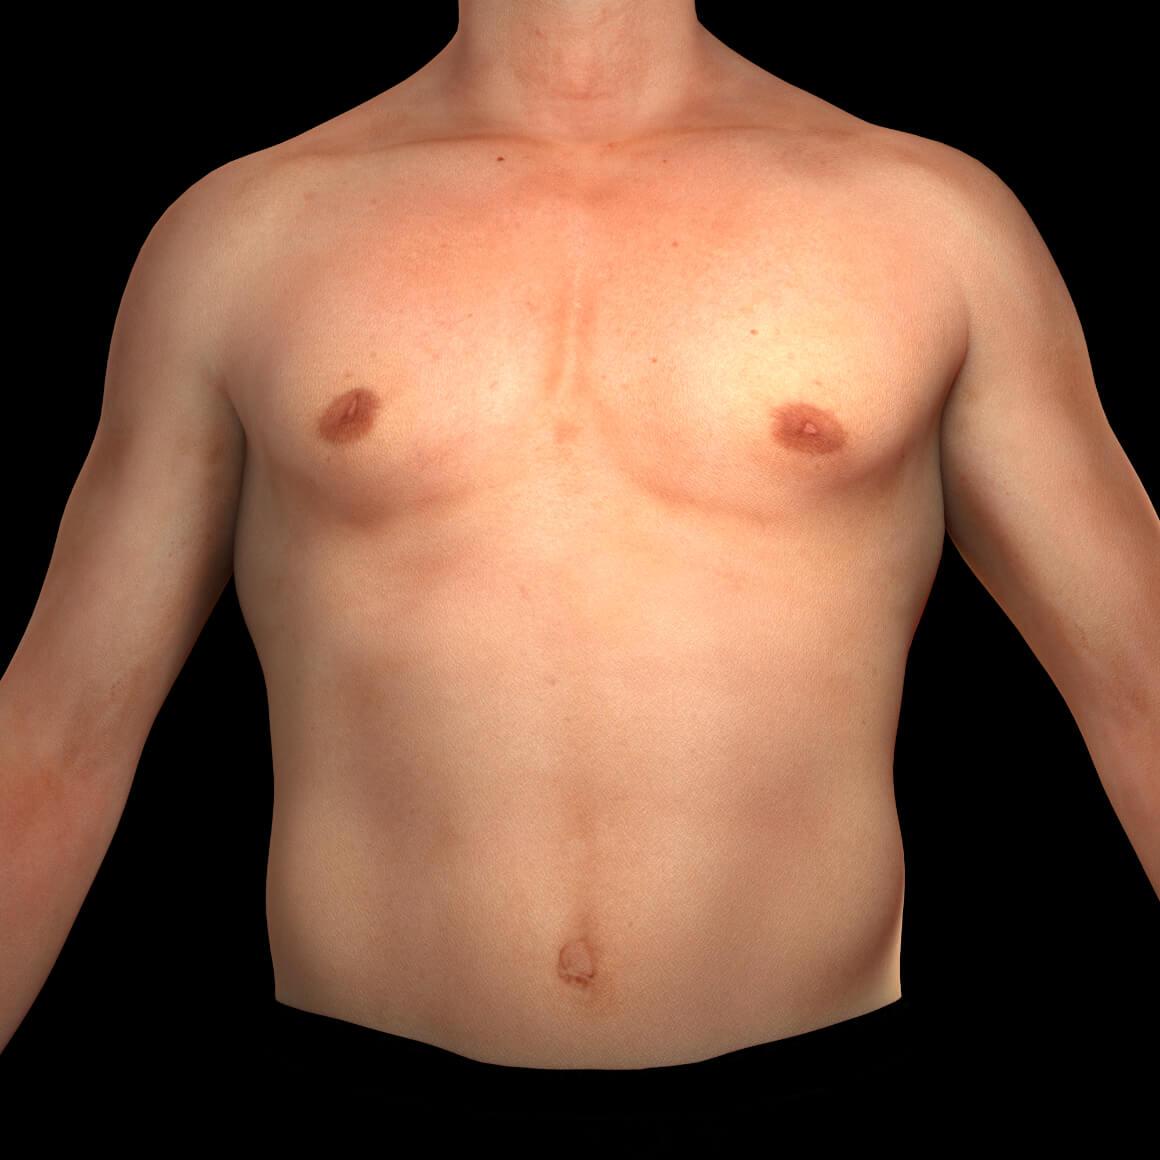 Abdomen d'un patient de la Clinique Chloé après des séances d'épilation permanente au laser